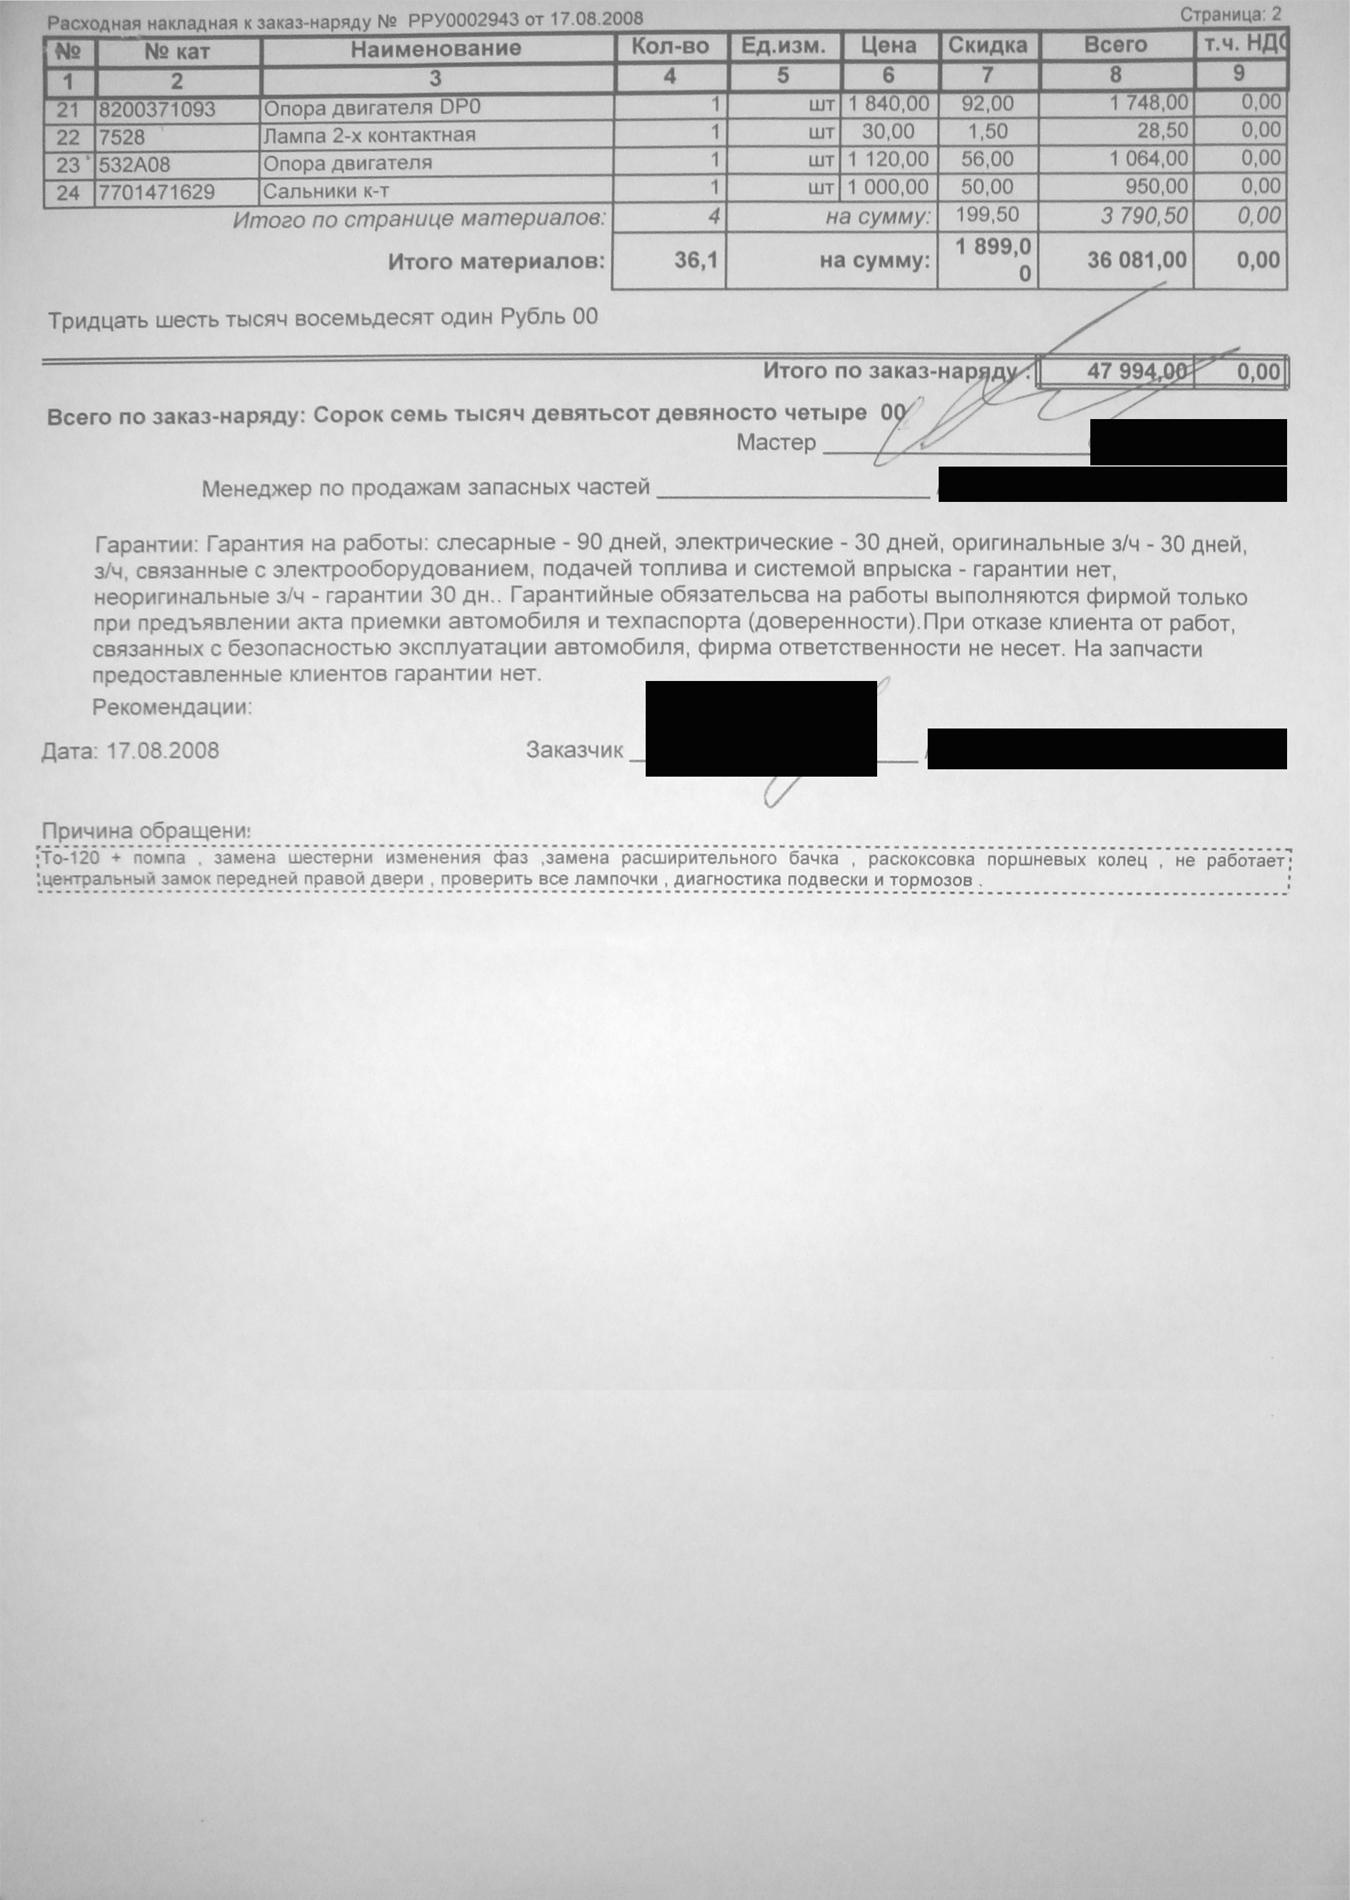 Среди запчастей значится ремень приводной стоимостью 361 рубль